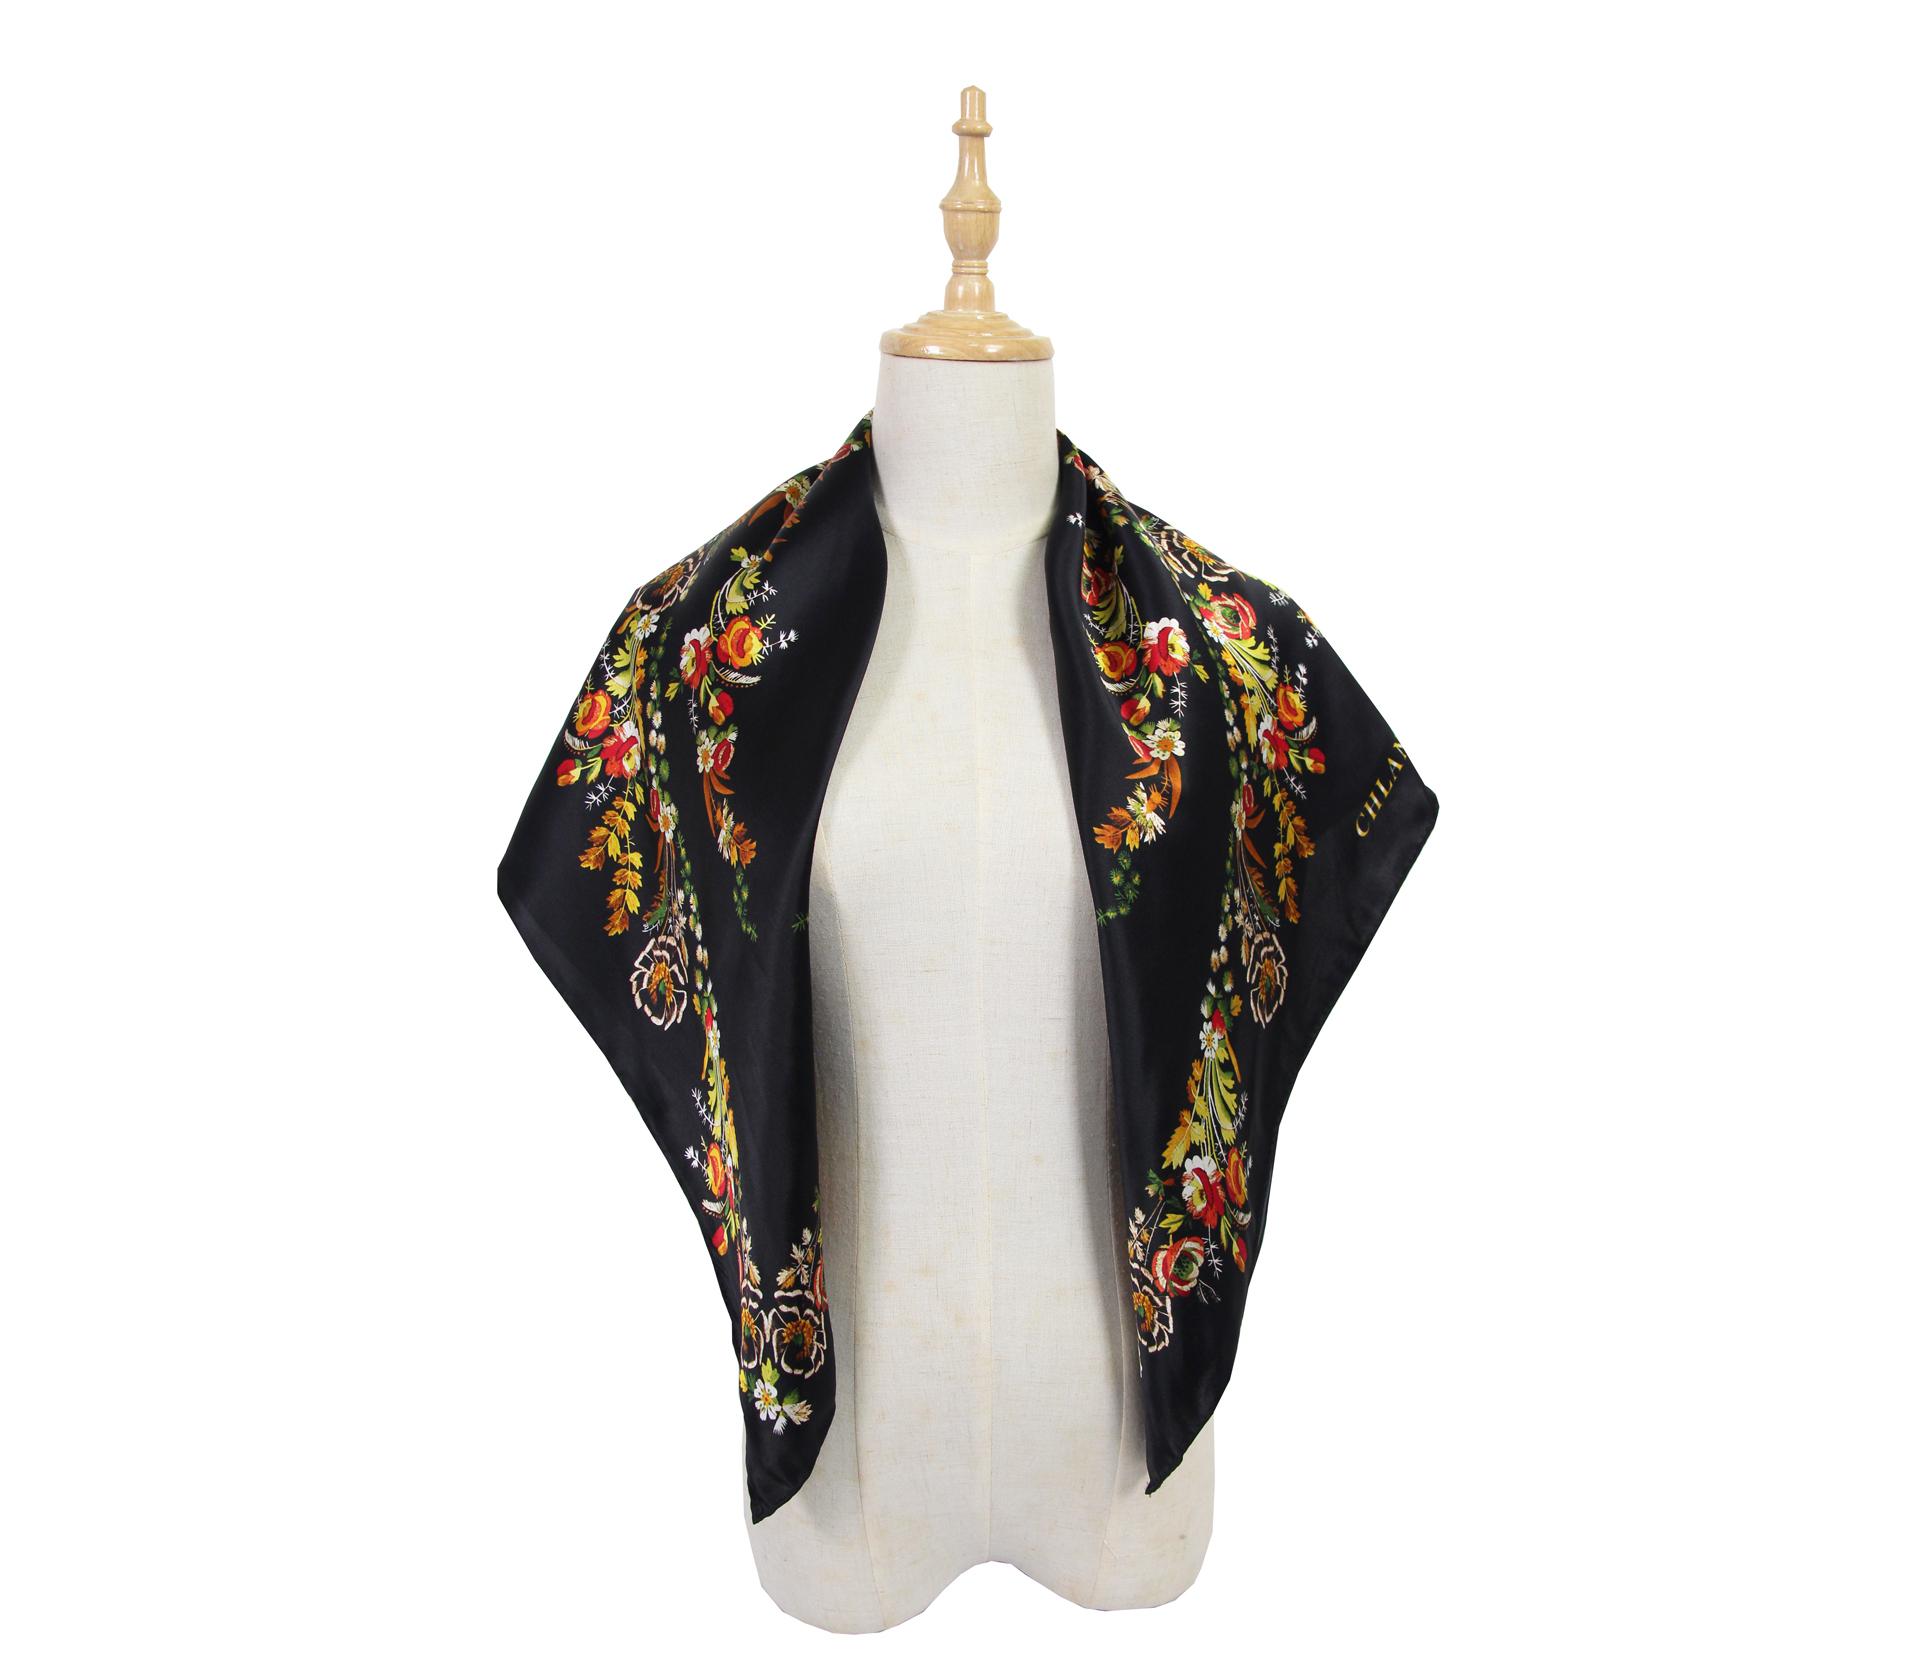 闕蘭絹印花黑色100%蠶絲大方絲巾 87*87  - 1008